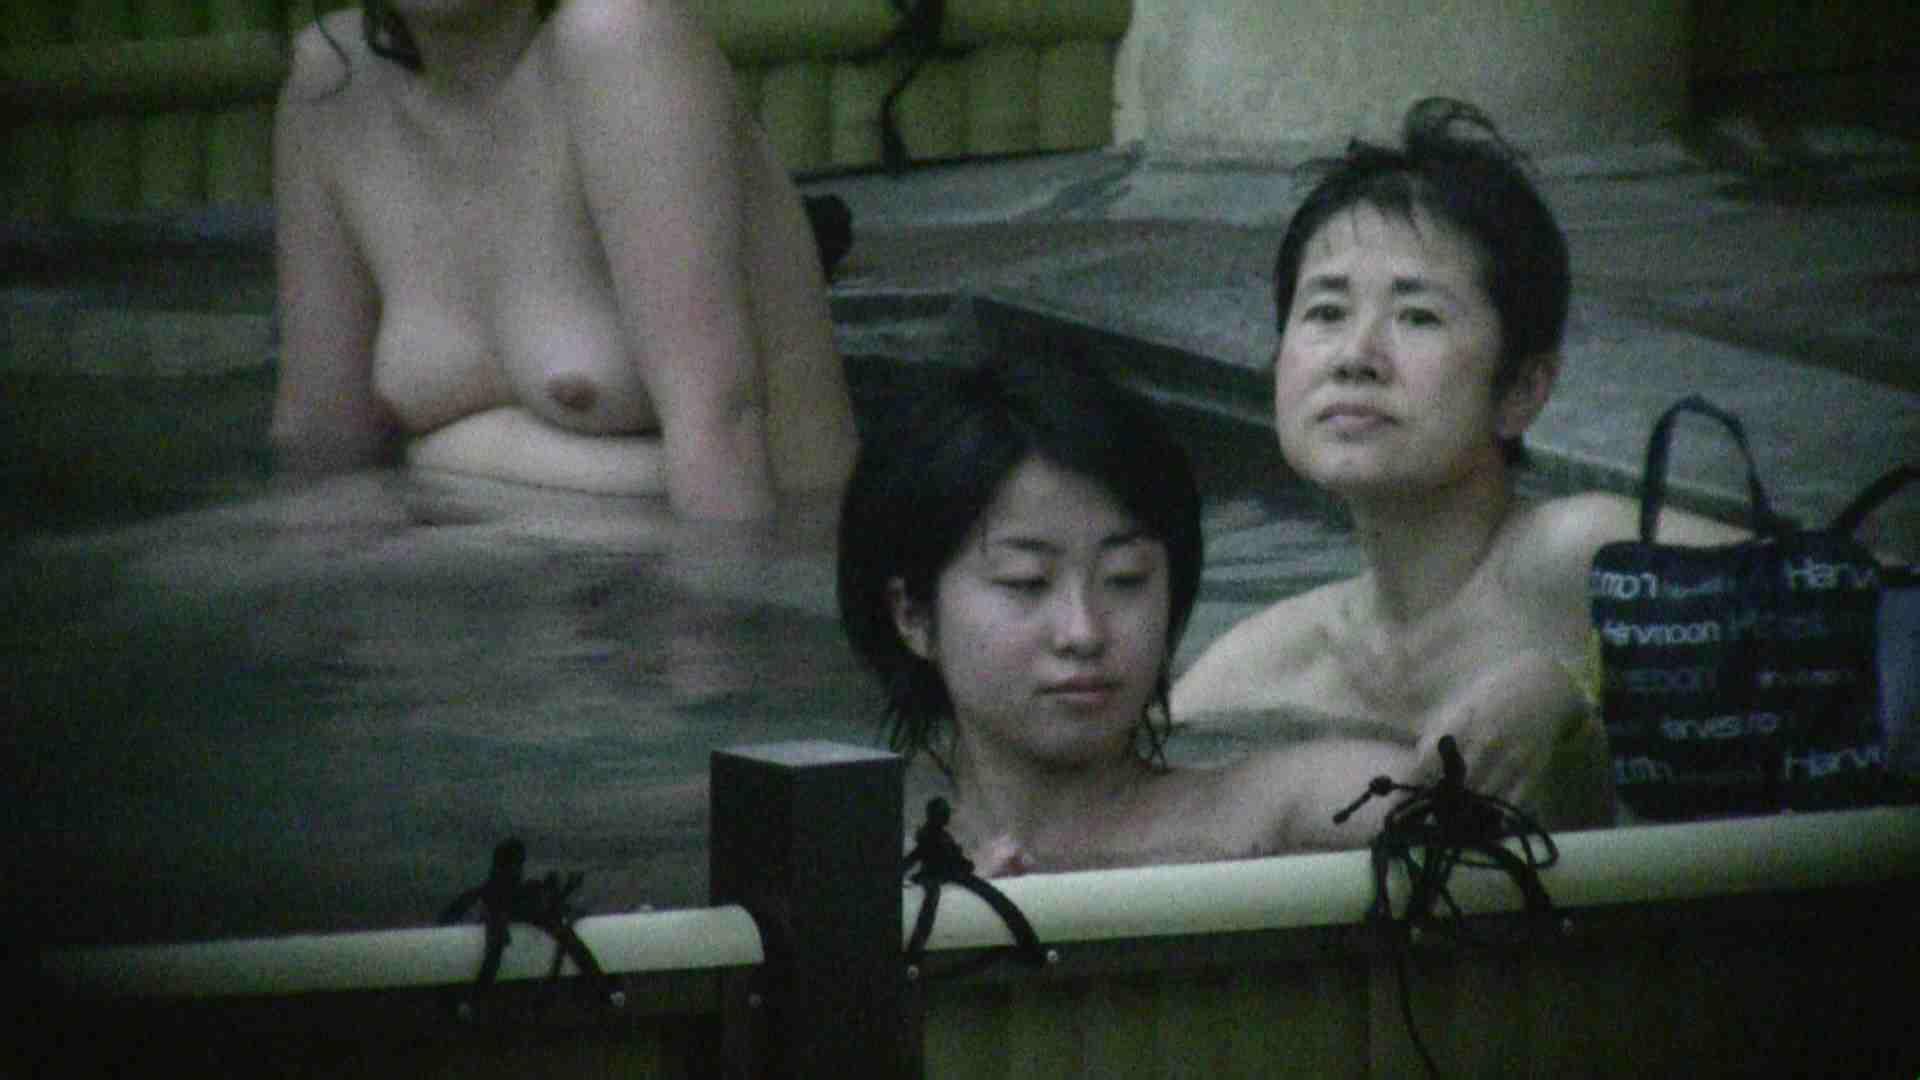 Aquaな露天風呂Vol.112 露天 | 綺麗なOLたち  73枚 4